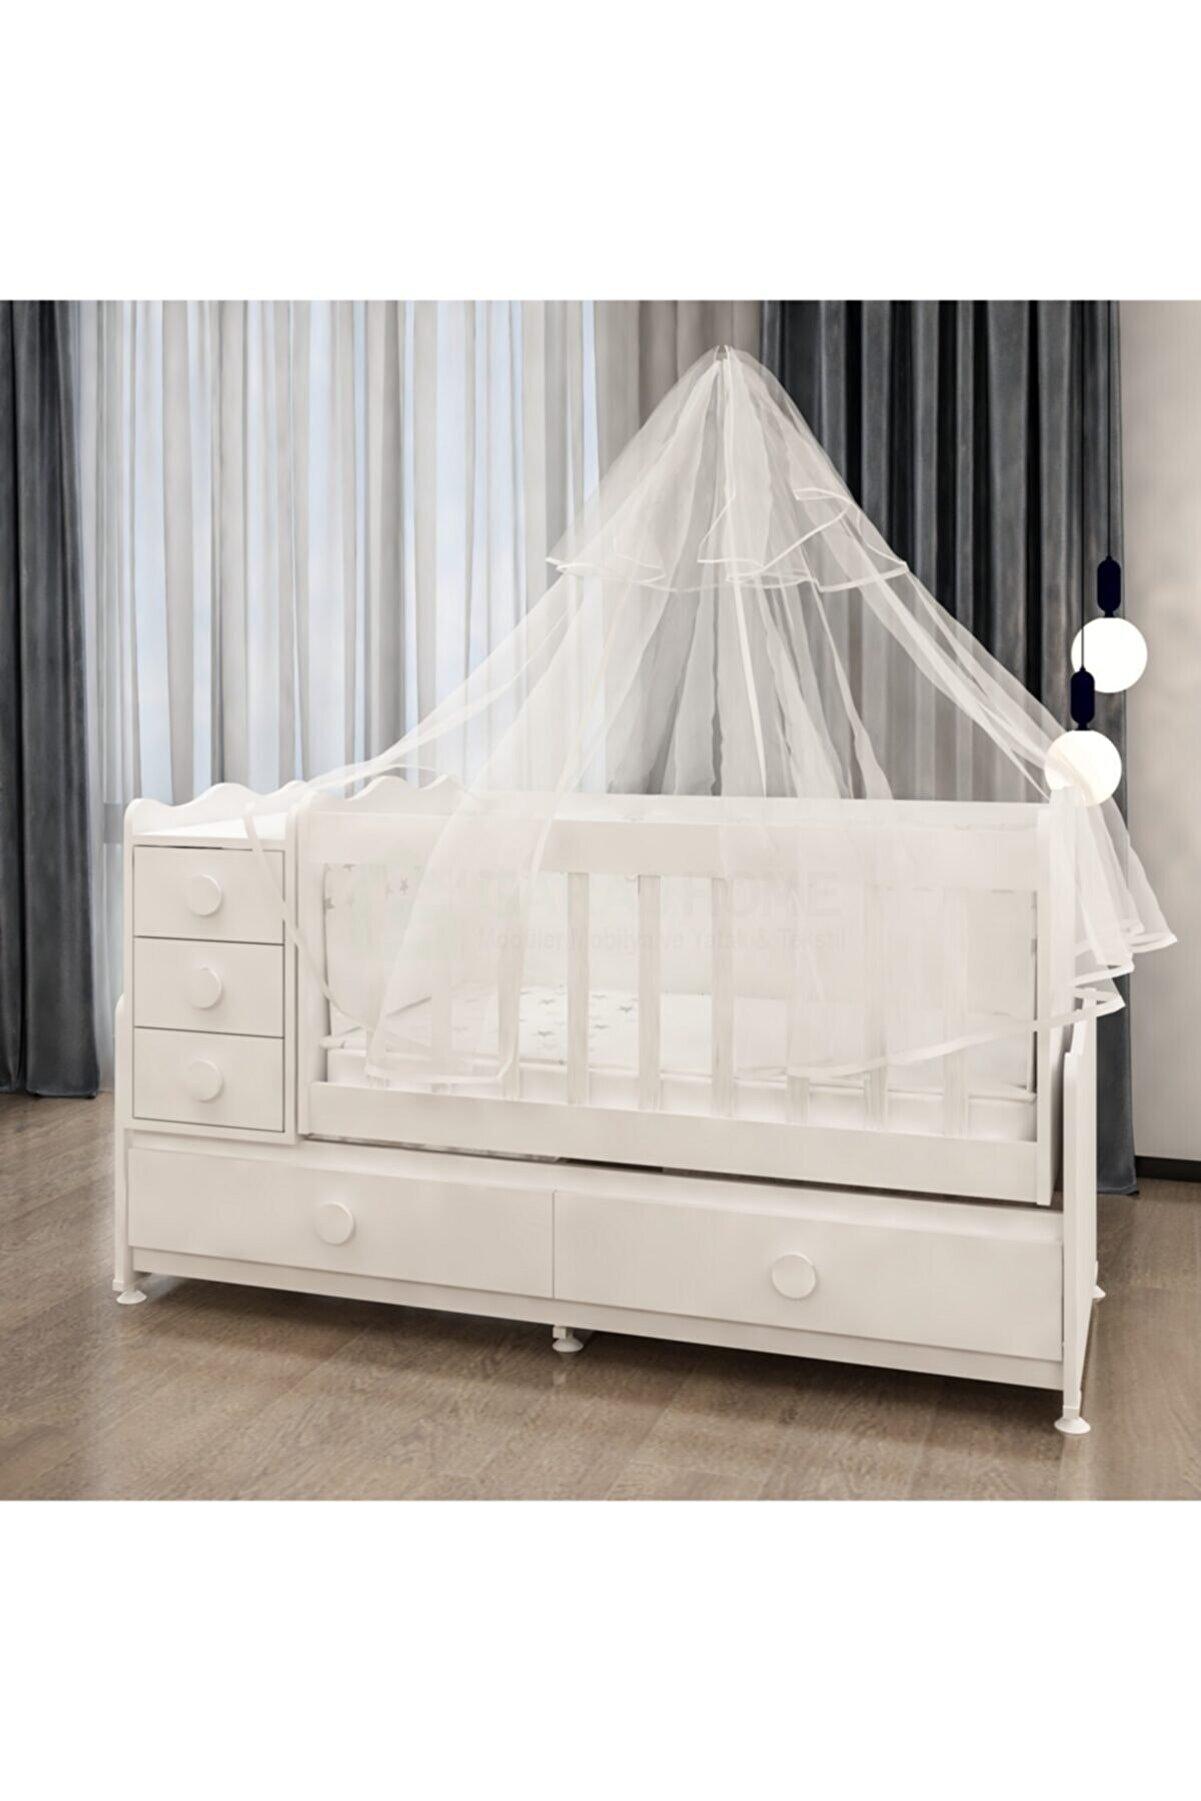 Garaj Home Melina Lüks Uyku Setli Beşik Kombini- Uykuseti Beyaz